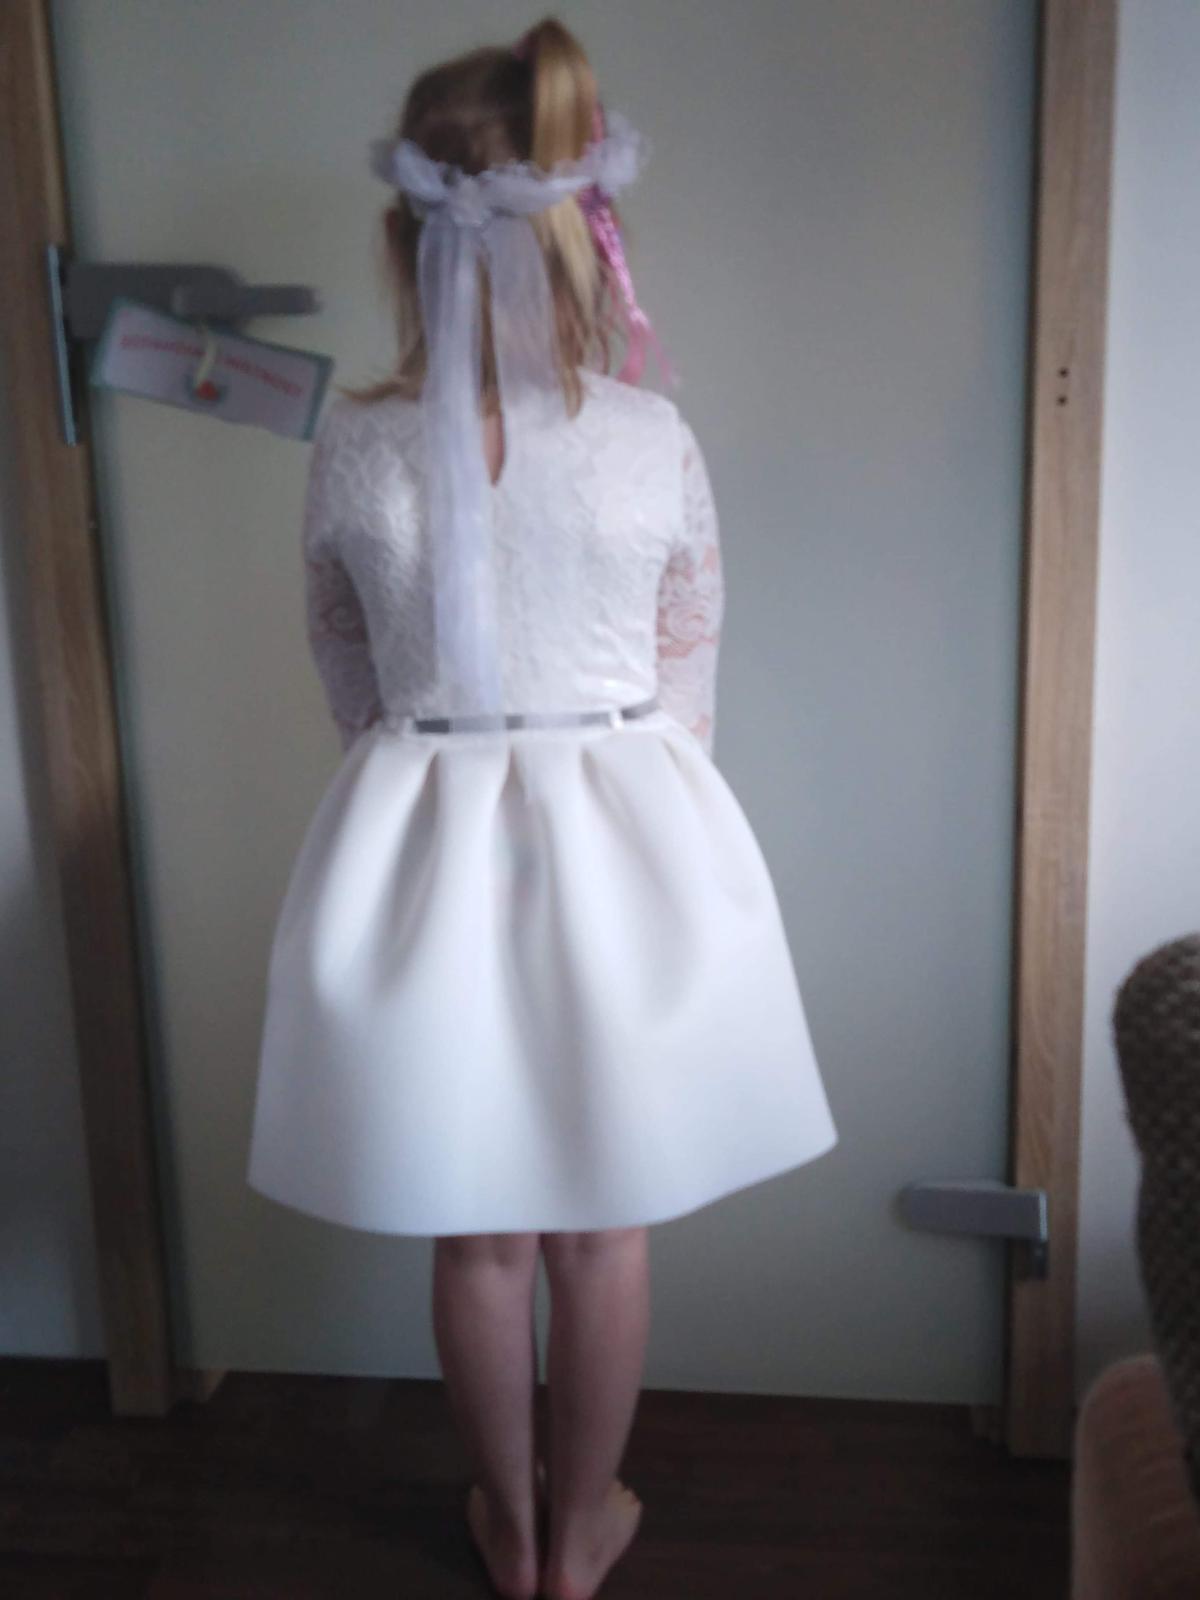 Šaty s visačkou - Obrázek č. 2